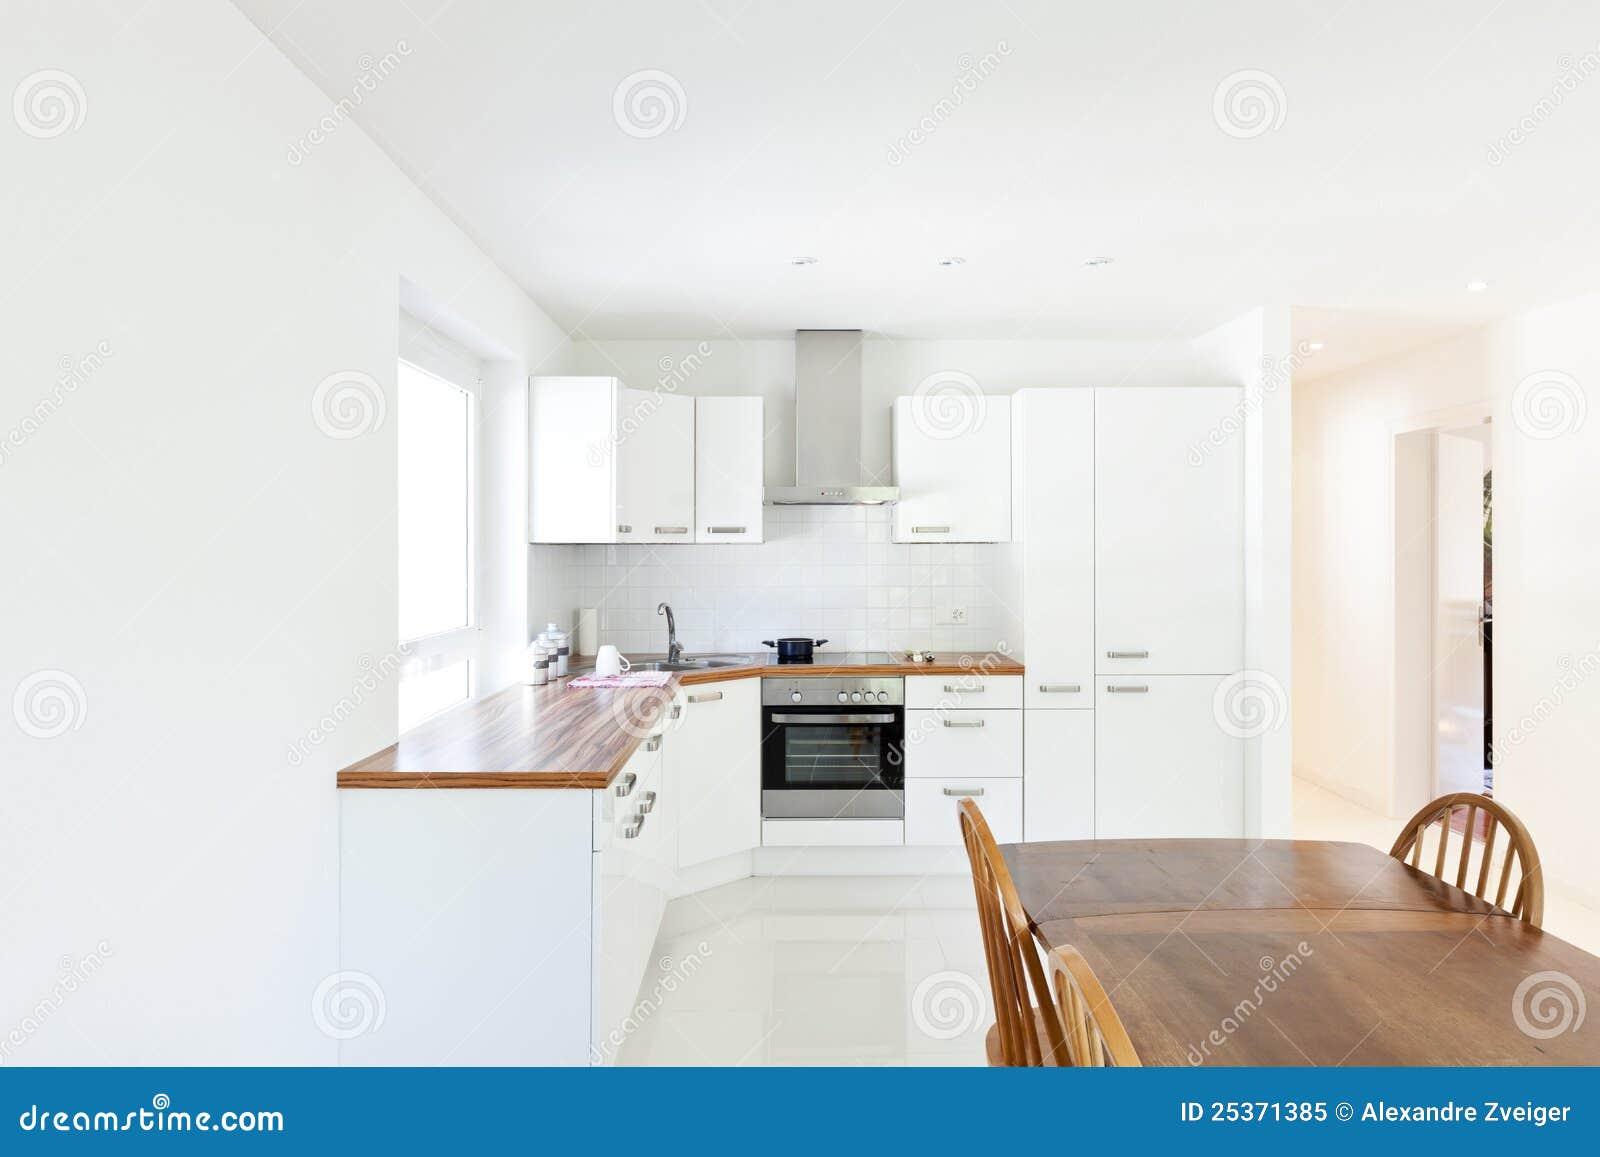 Moderne keuken eettafel stock afbeelding afbeelding bestaande uit habitation 25371385 - Eettafel moderne ...